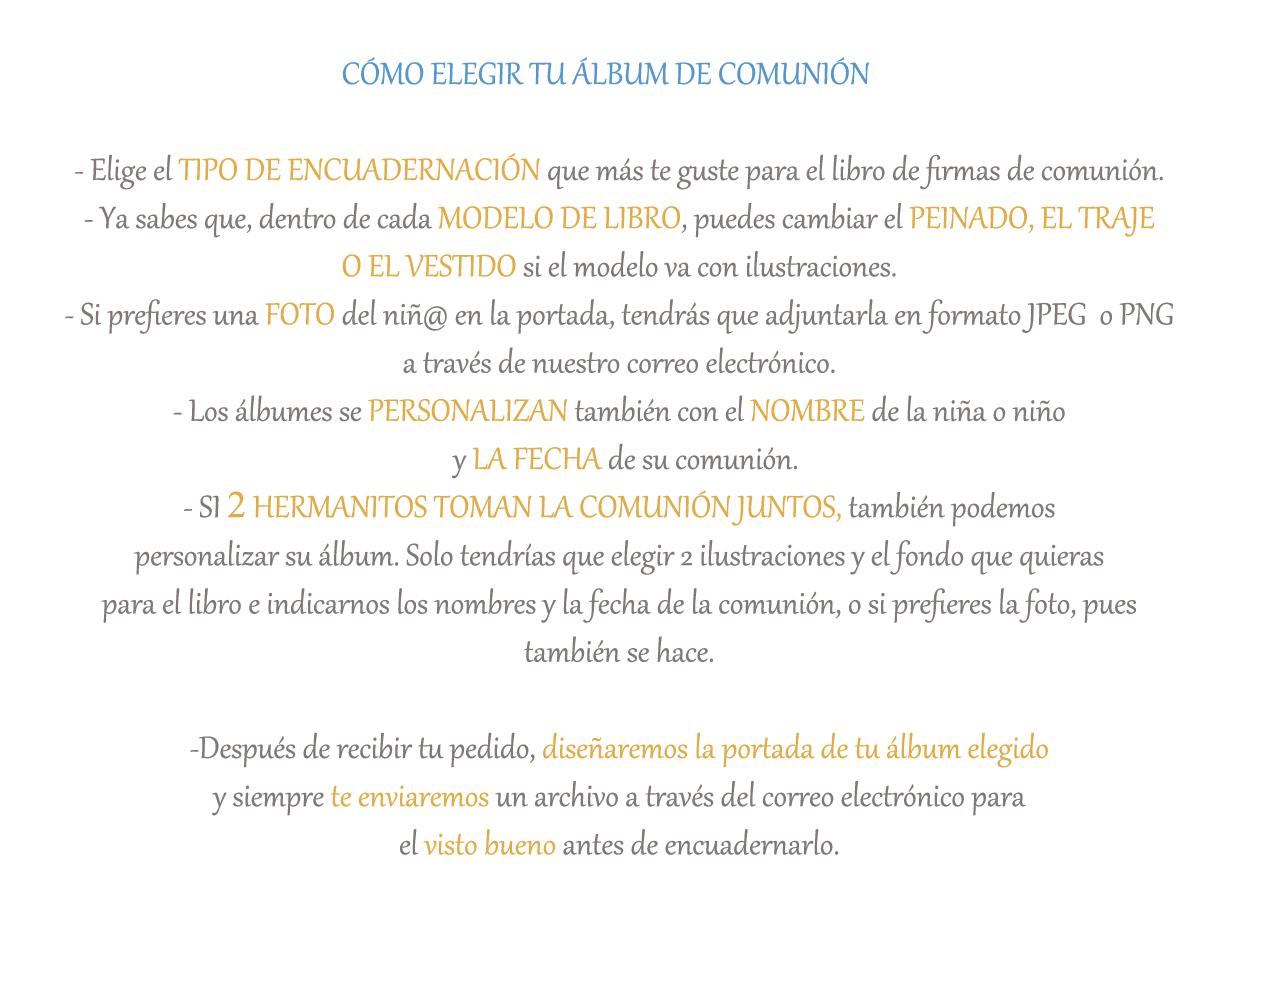 Cómo elegir tu álbum de comunión Petitkokoro